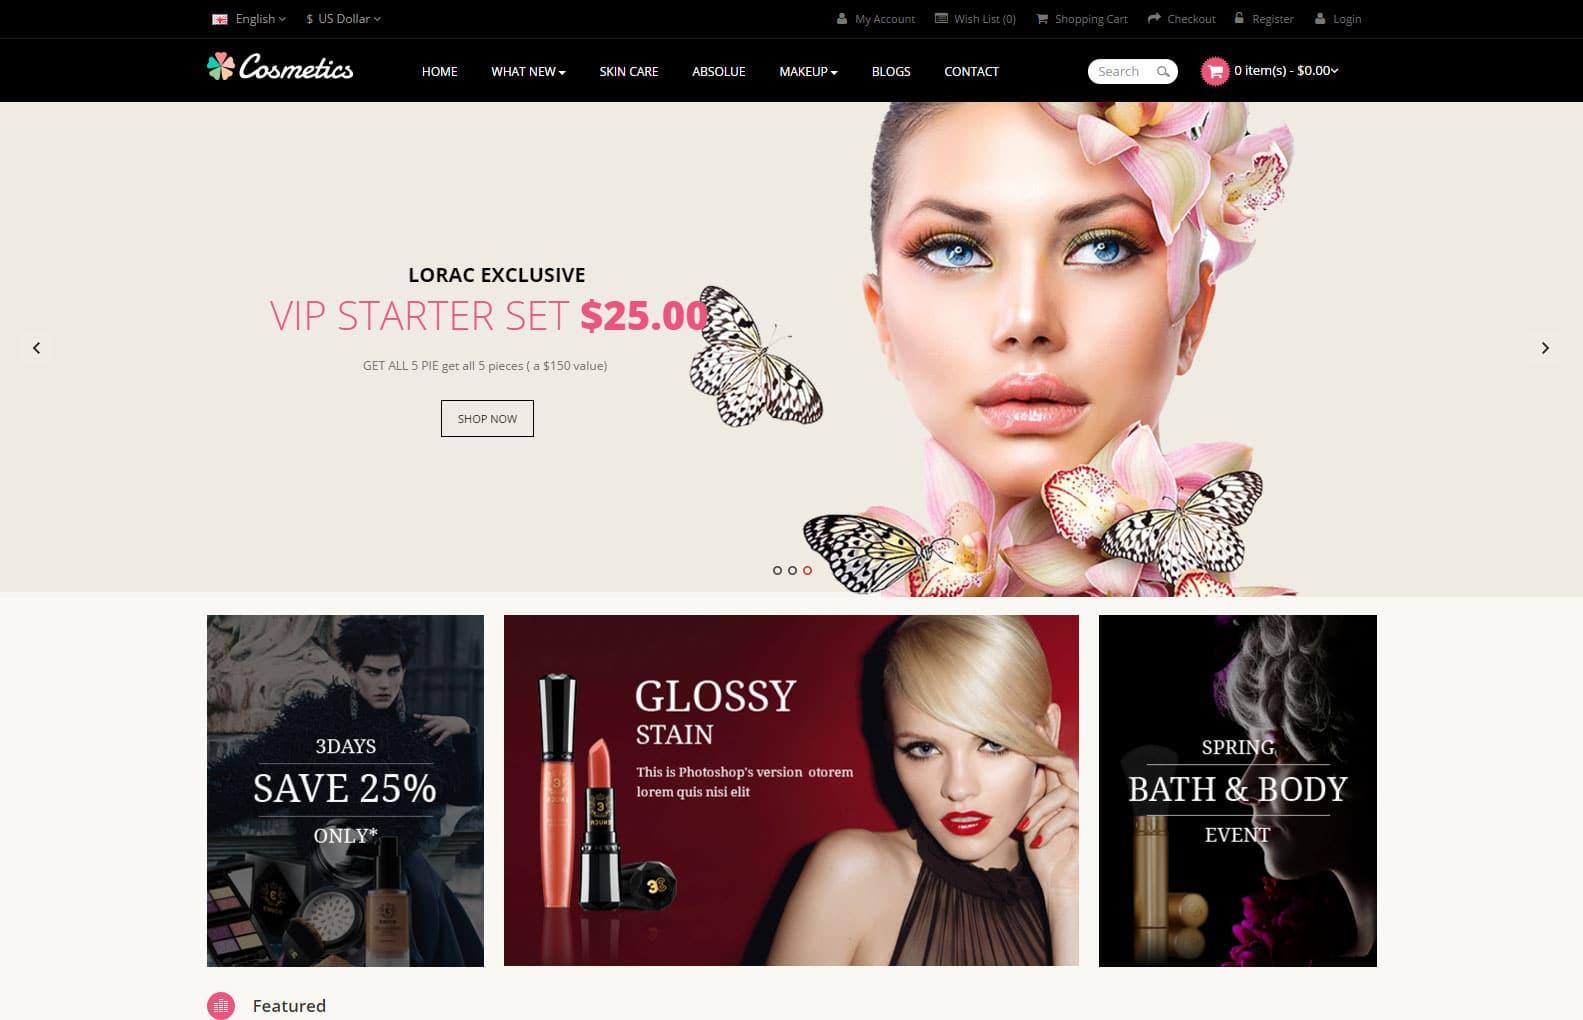 CosmeticsW